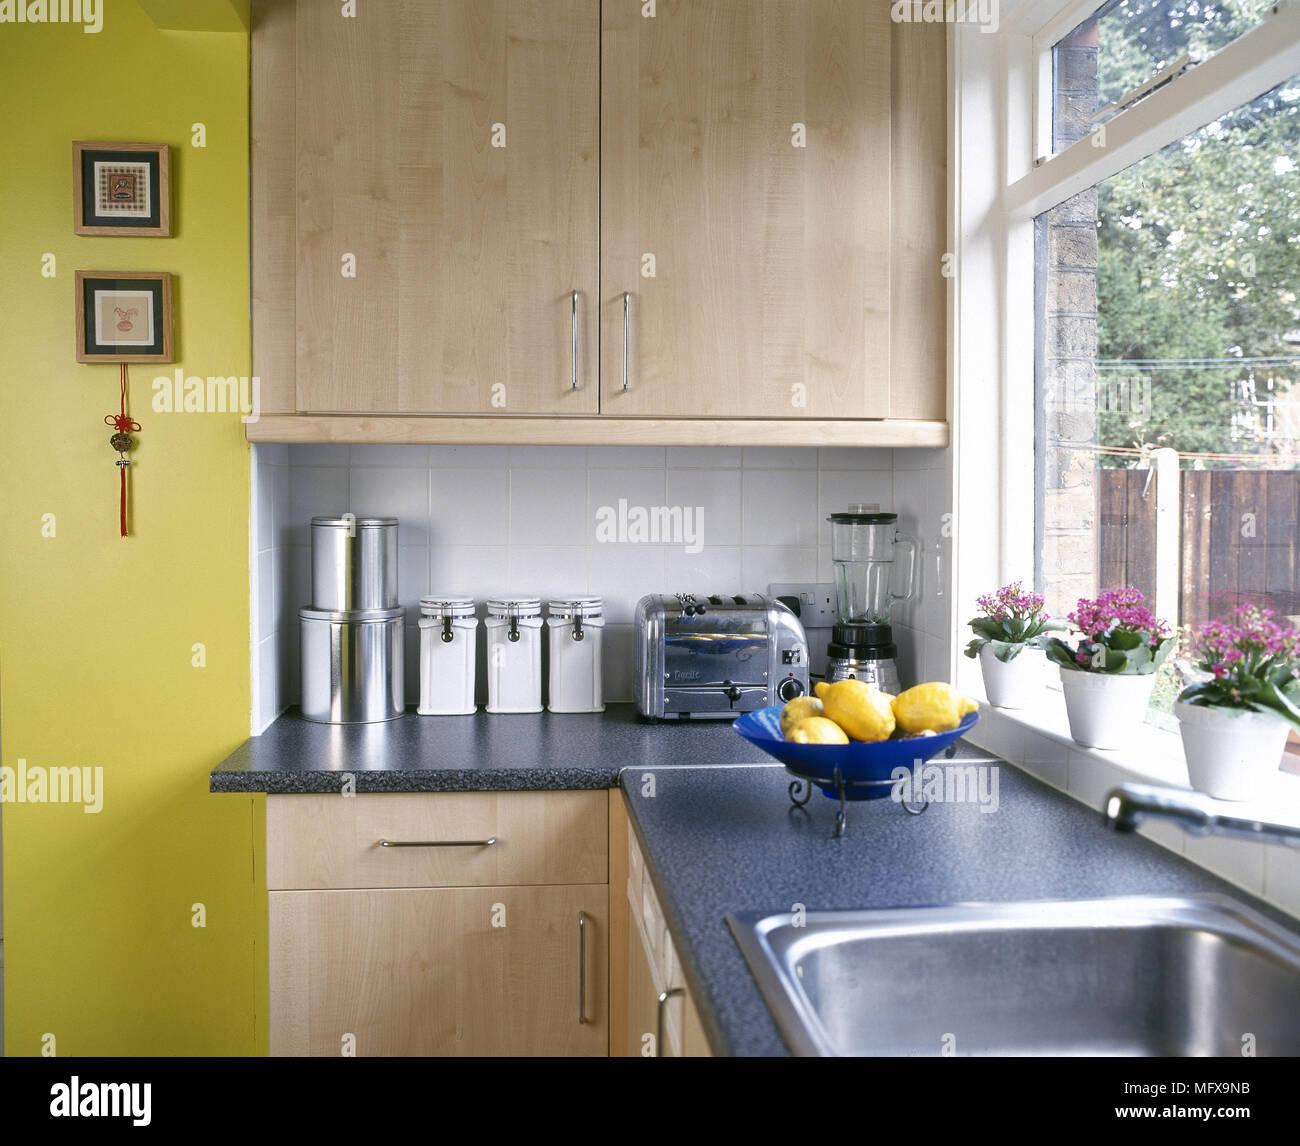 Ausgezeichnet Kücheneinheit Mit Spüle Fotos - Ideen Für Die Küche ...